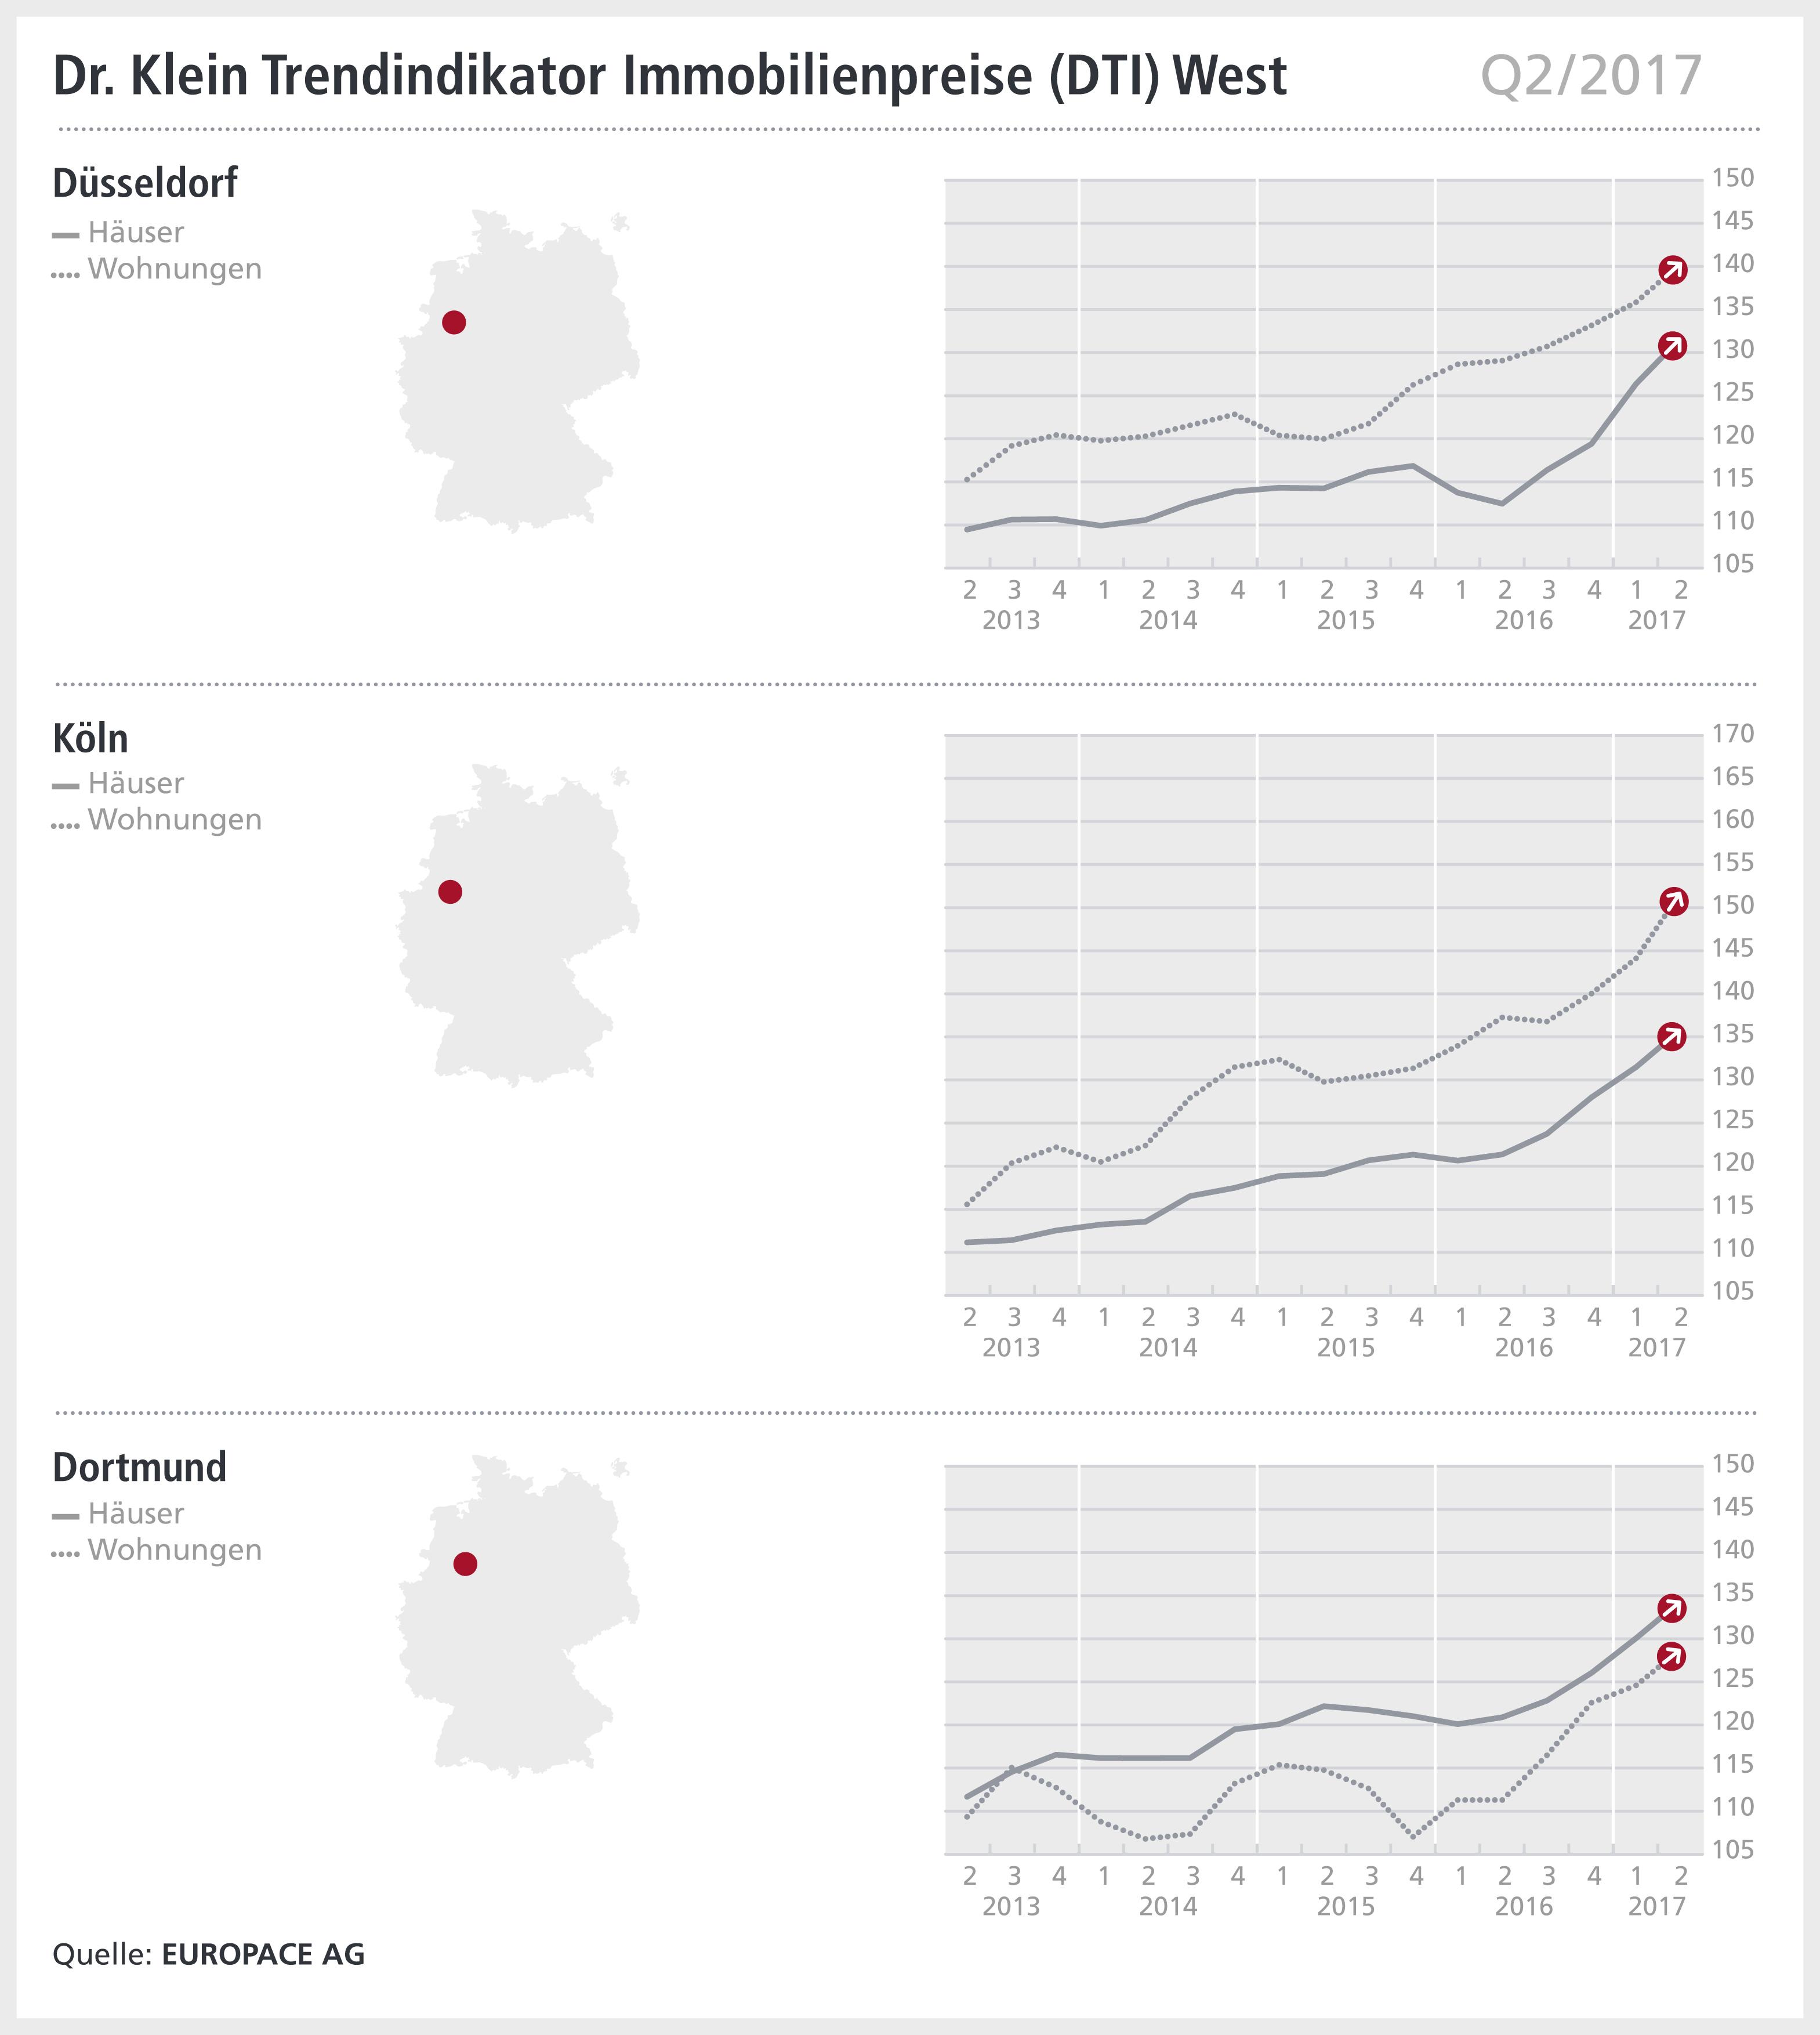 8e0e6f47b87ce00a Org in Köln, Düsseldorf, Dortmund: Preise steigen weiter